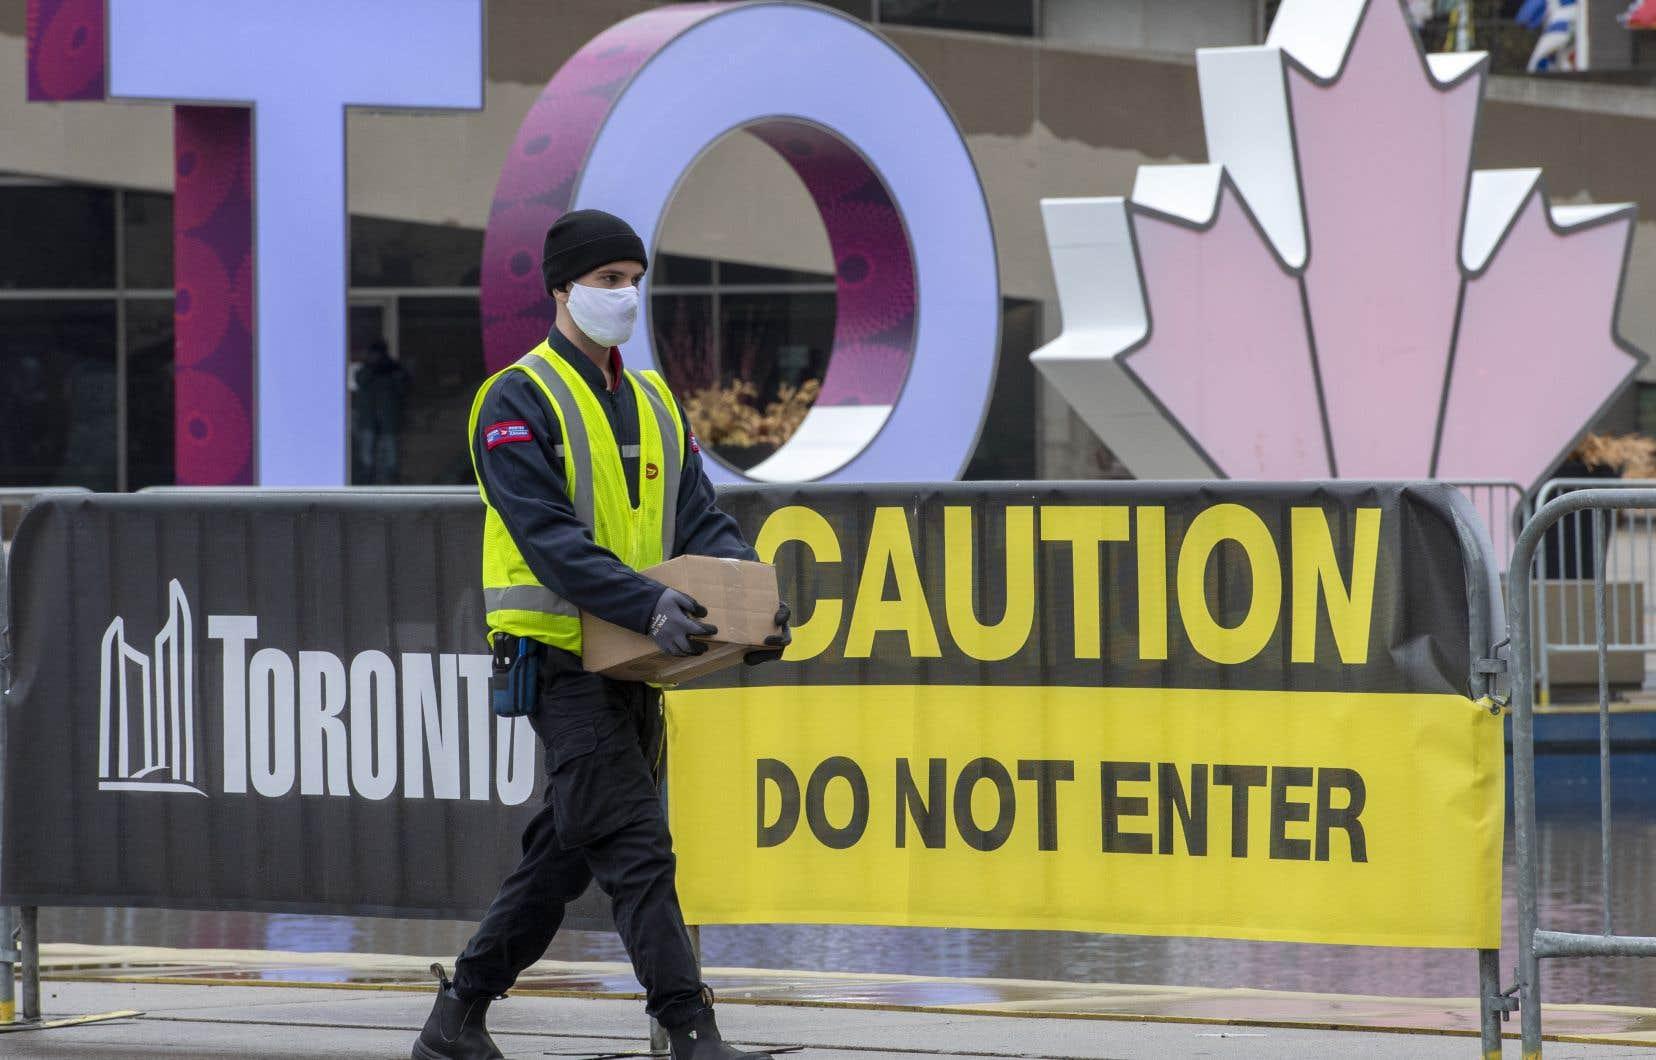 Le gouvernement ontarien a déclaré qu'un hôpital de campagne pourrait être activé à Toronto plus tard ce mois-ci, car la métropole doit faire face à une augmentation des hospitalisations dues à la pandémie.